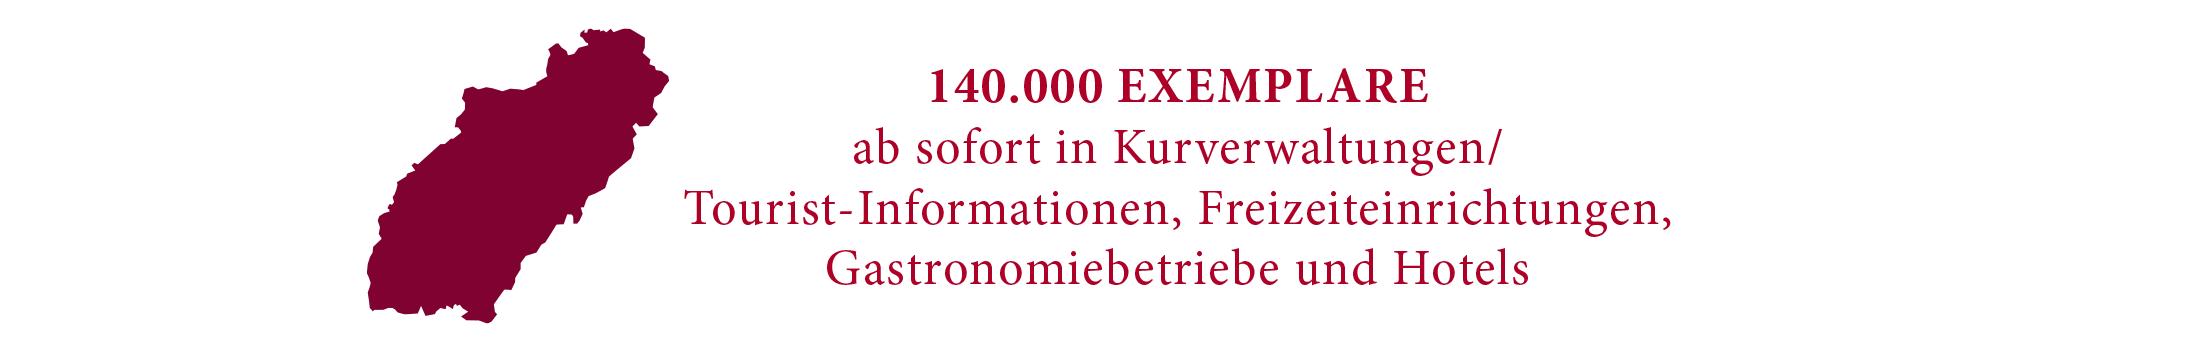 Silhouette Schwäbische Alb mit Text: 140.000 Exemplare ab sofort in Kurverwaltungen, Tourist-Informationen, Freizeiteinrichtungen, Gastronomiebetriebe und Hotels